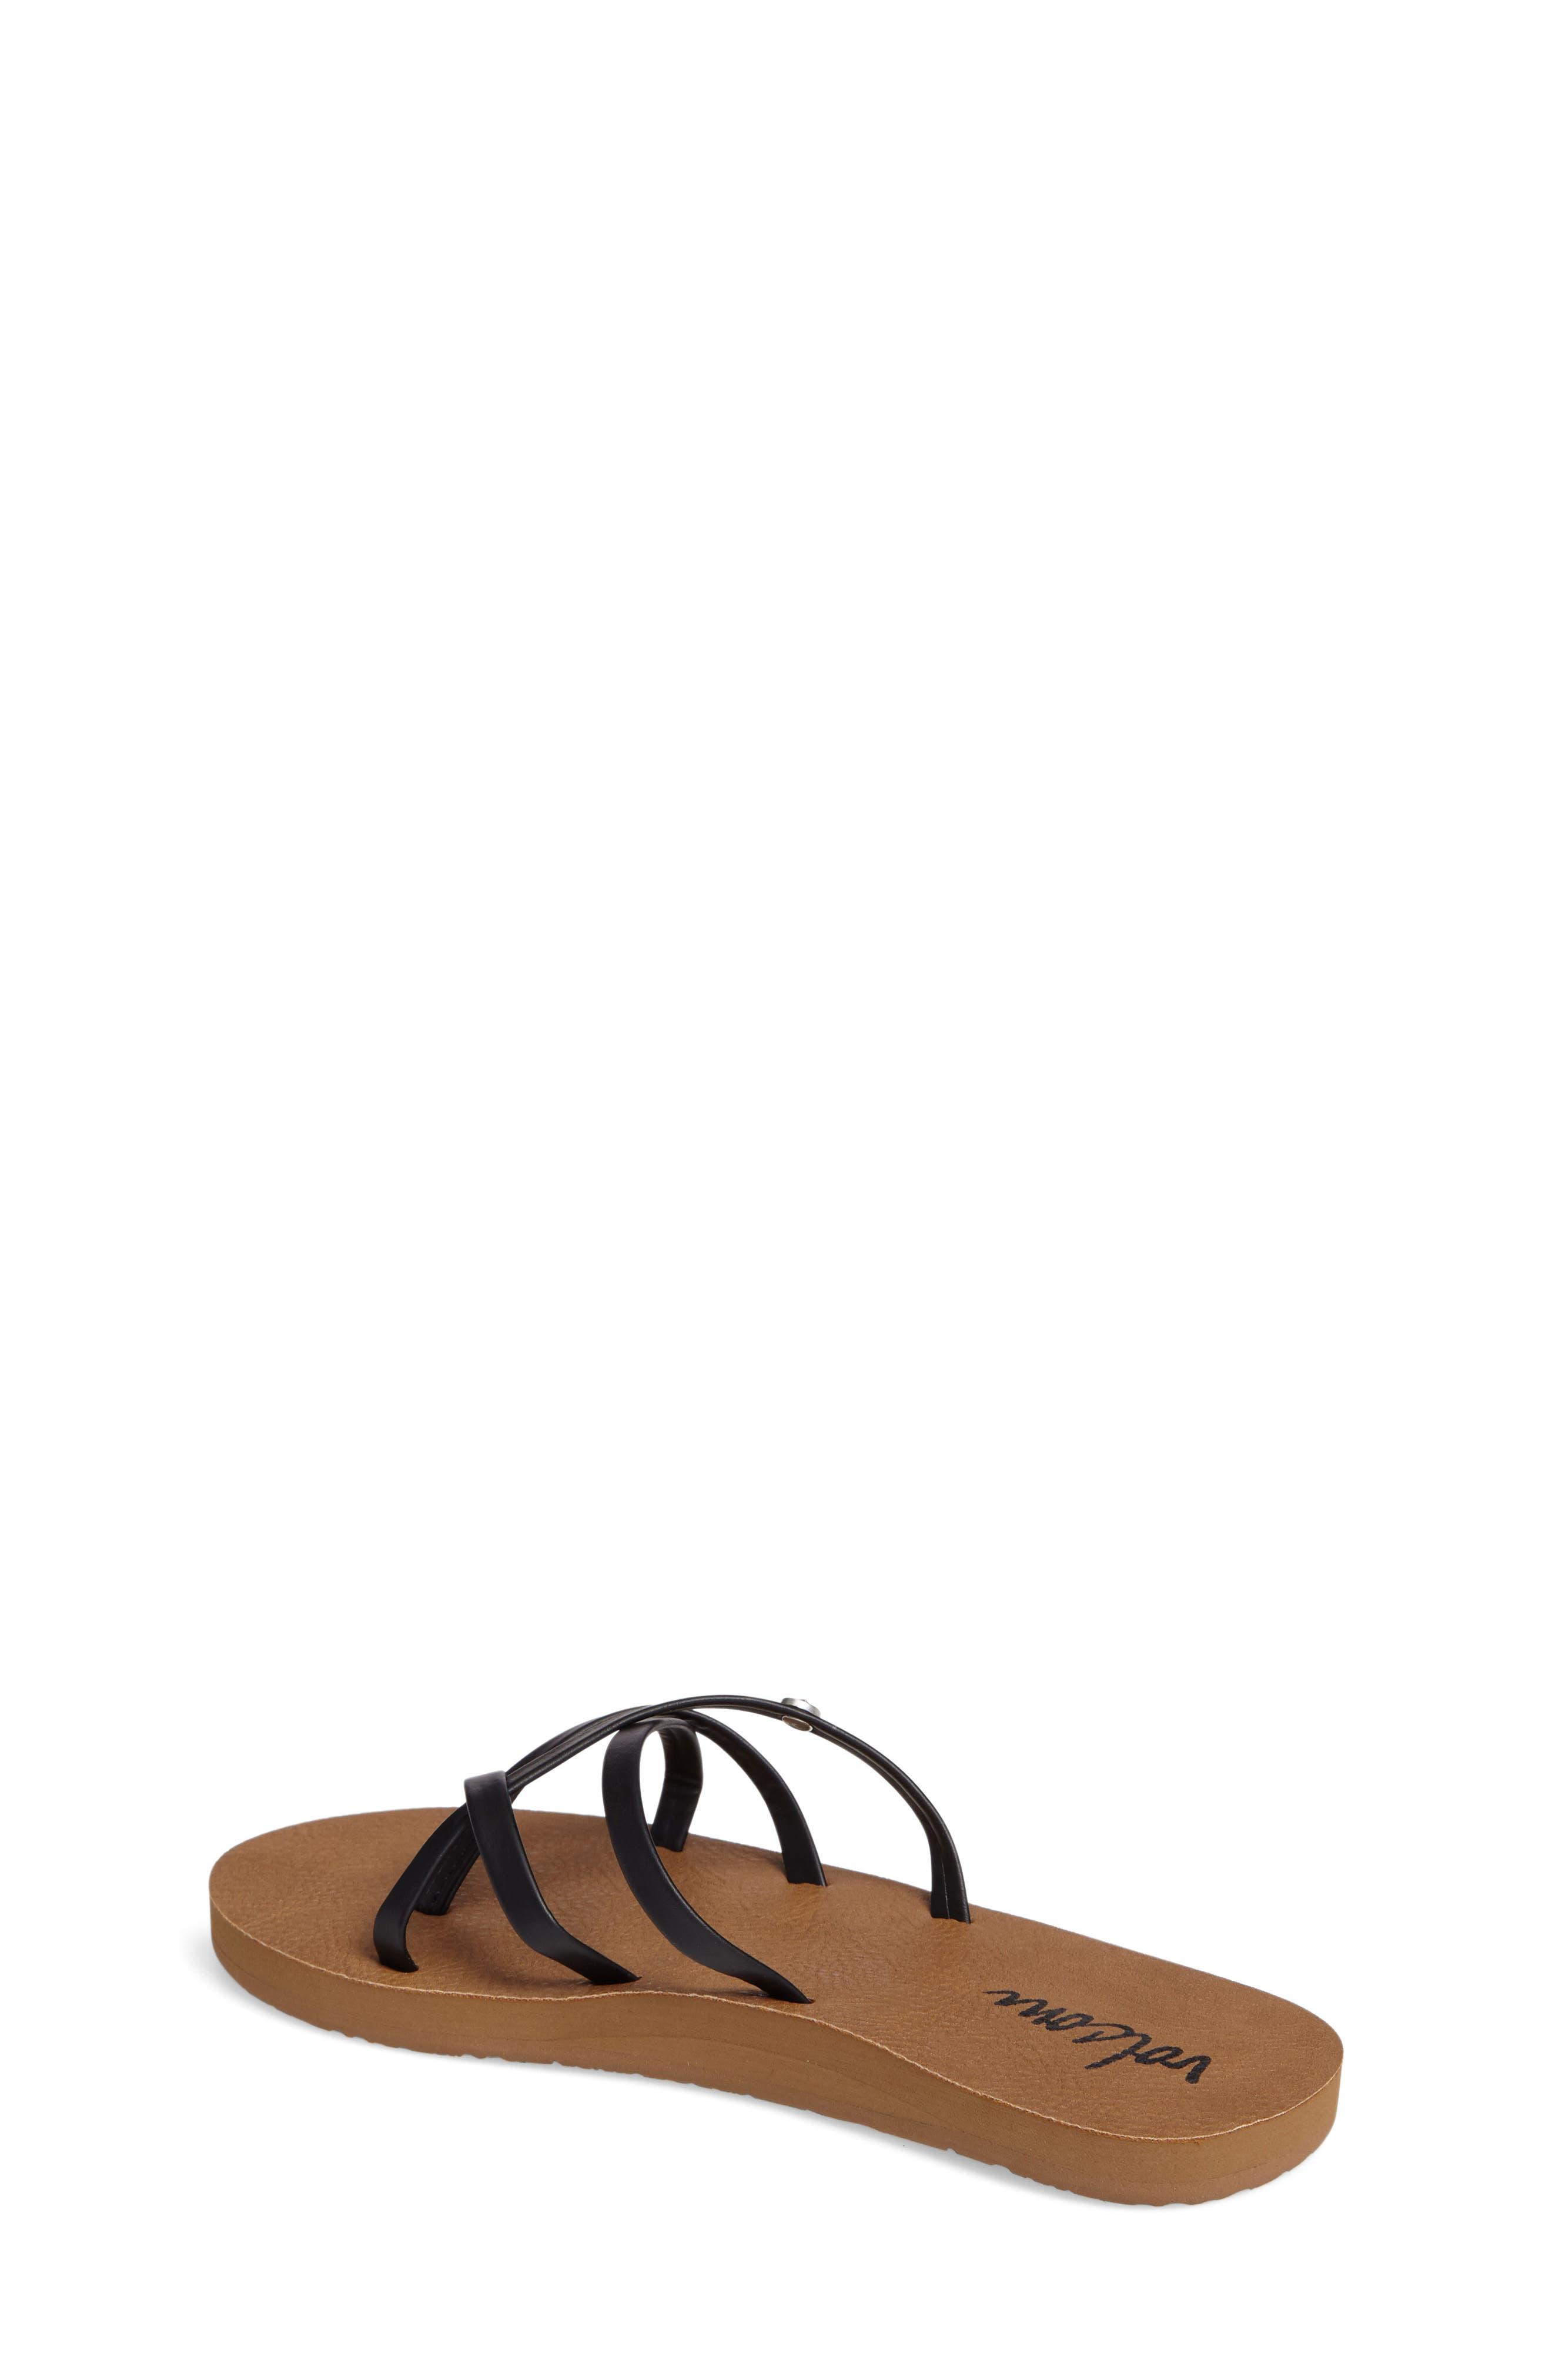 New School Flip Flop,                             Alternate thumbnail 2, color,                             BLACK